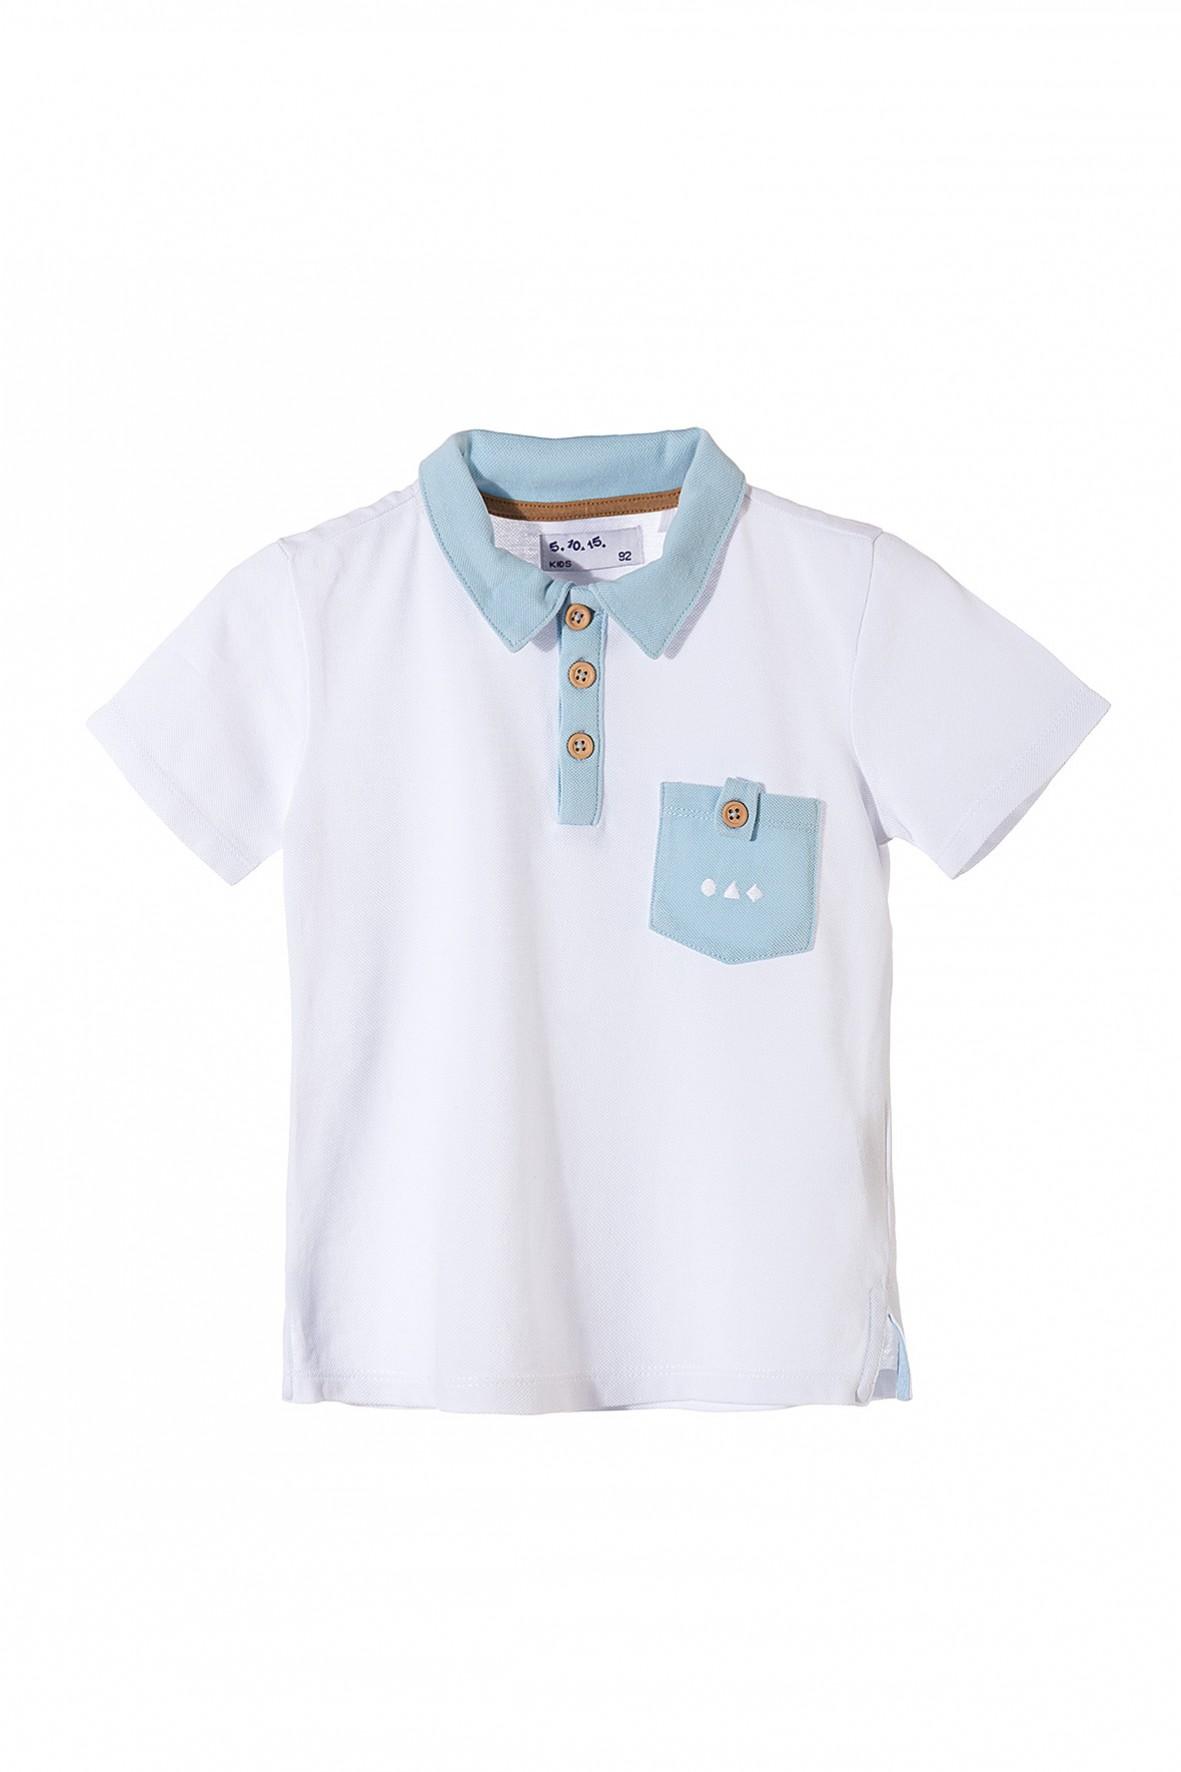 T-shirt biały dla chłopca z niebieskim kołnierzykiem